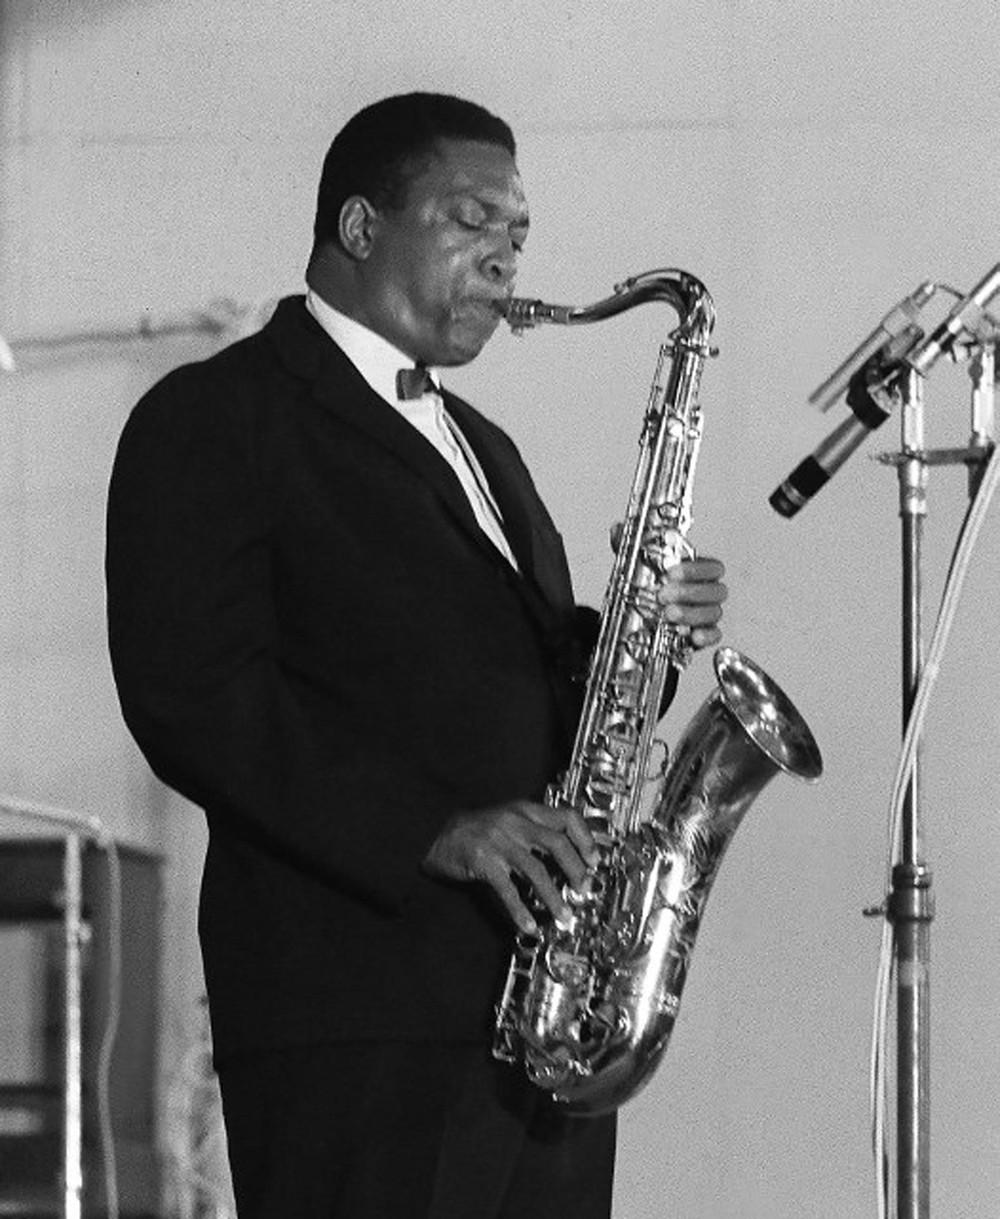 Álbum perdido do saxofonista John Coltrane será lançado mais de 50 anos depois